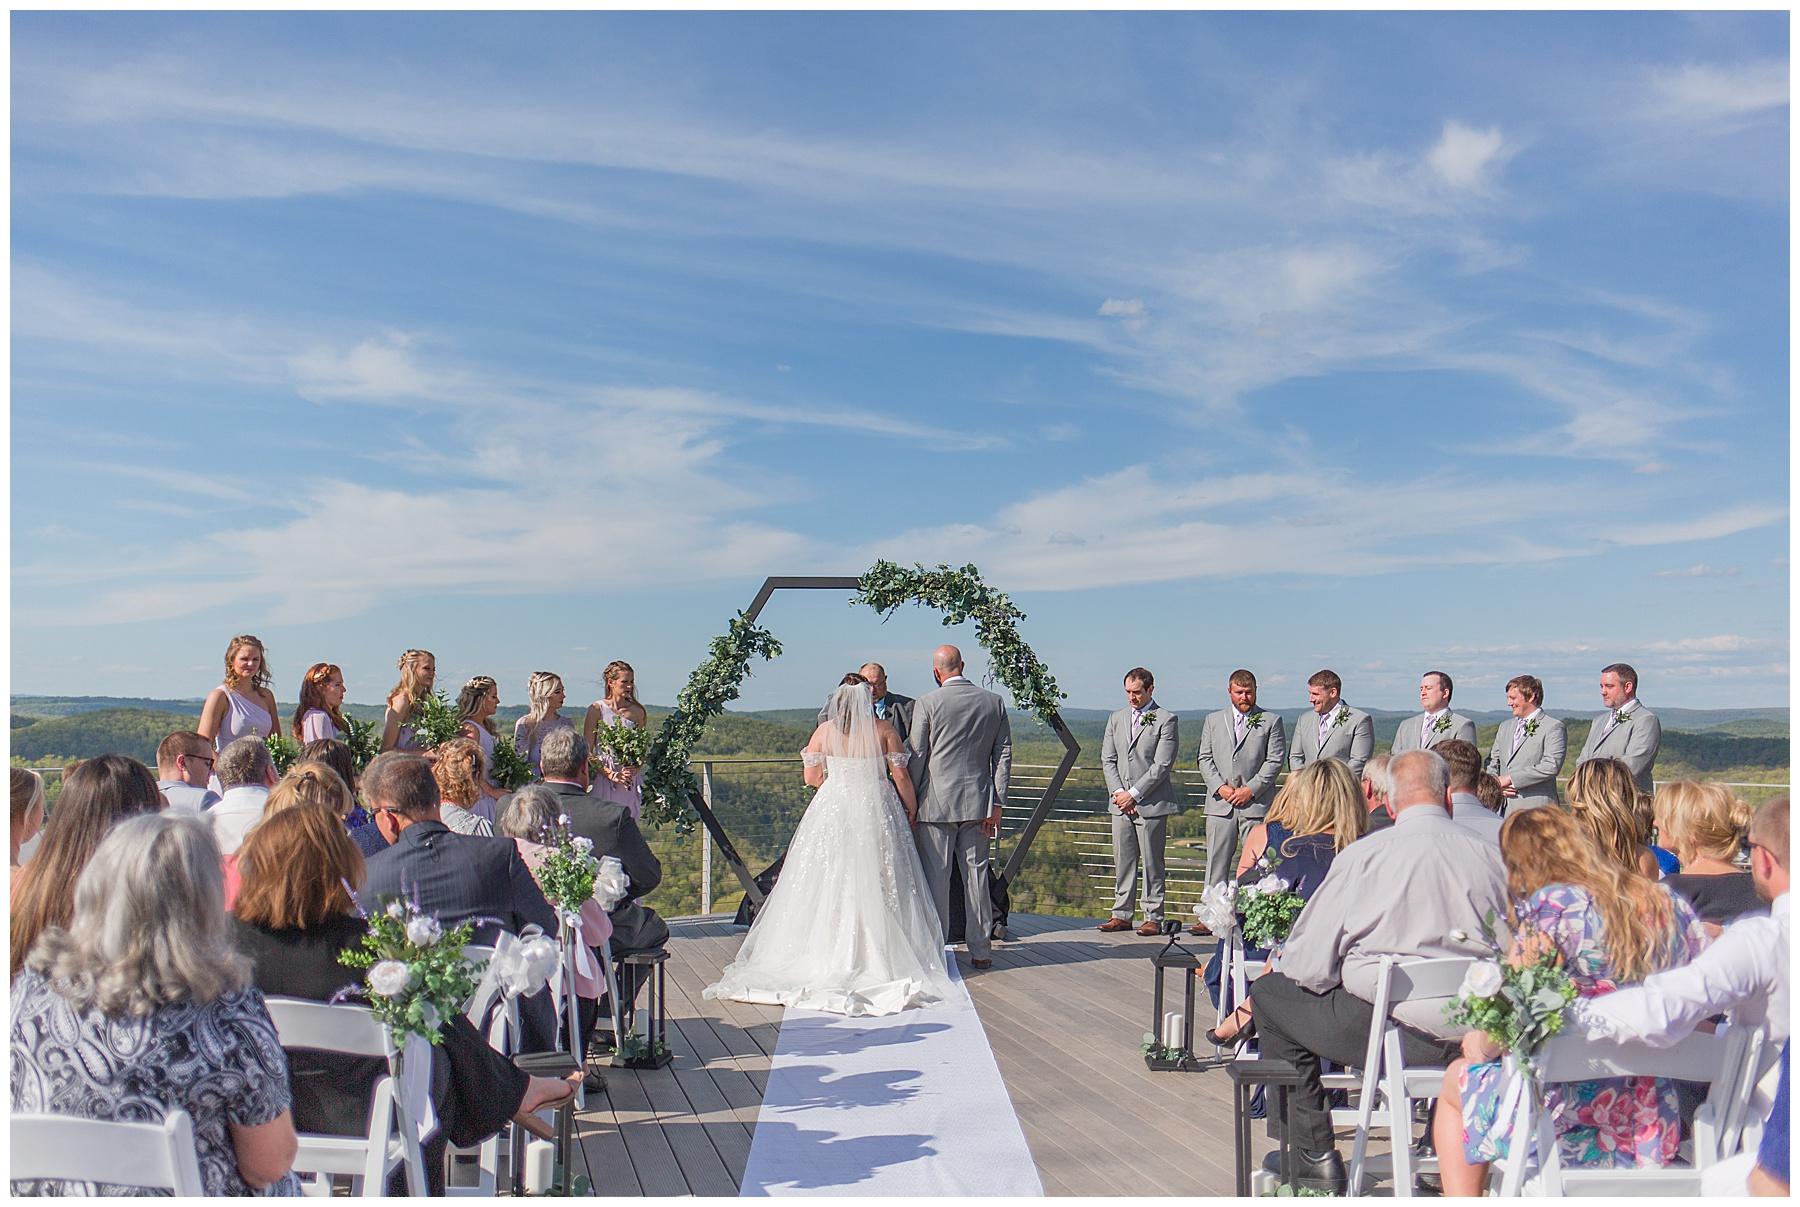 Tying knots: Summit Bechtel Reserve now hosts weddings, too